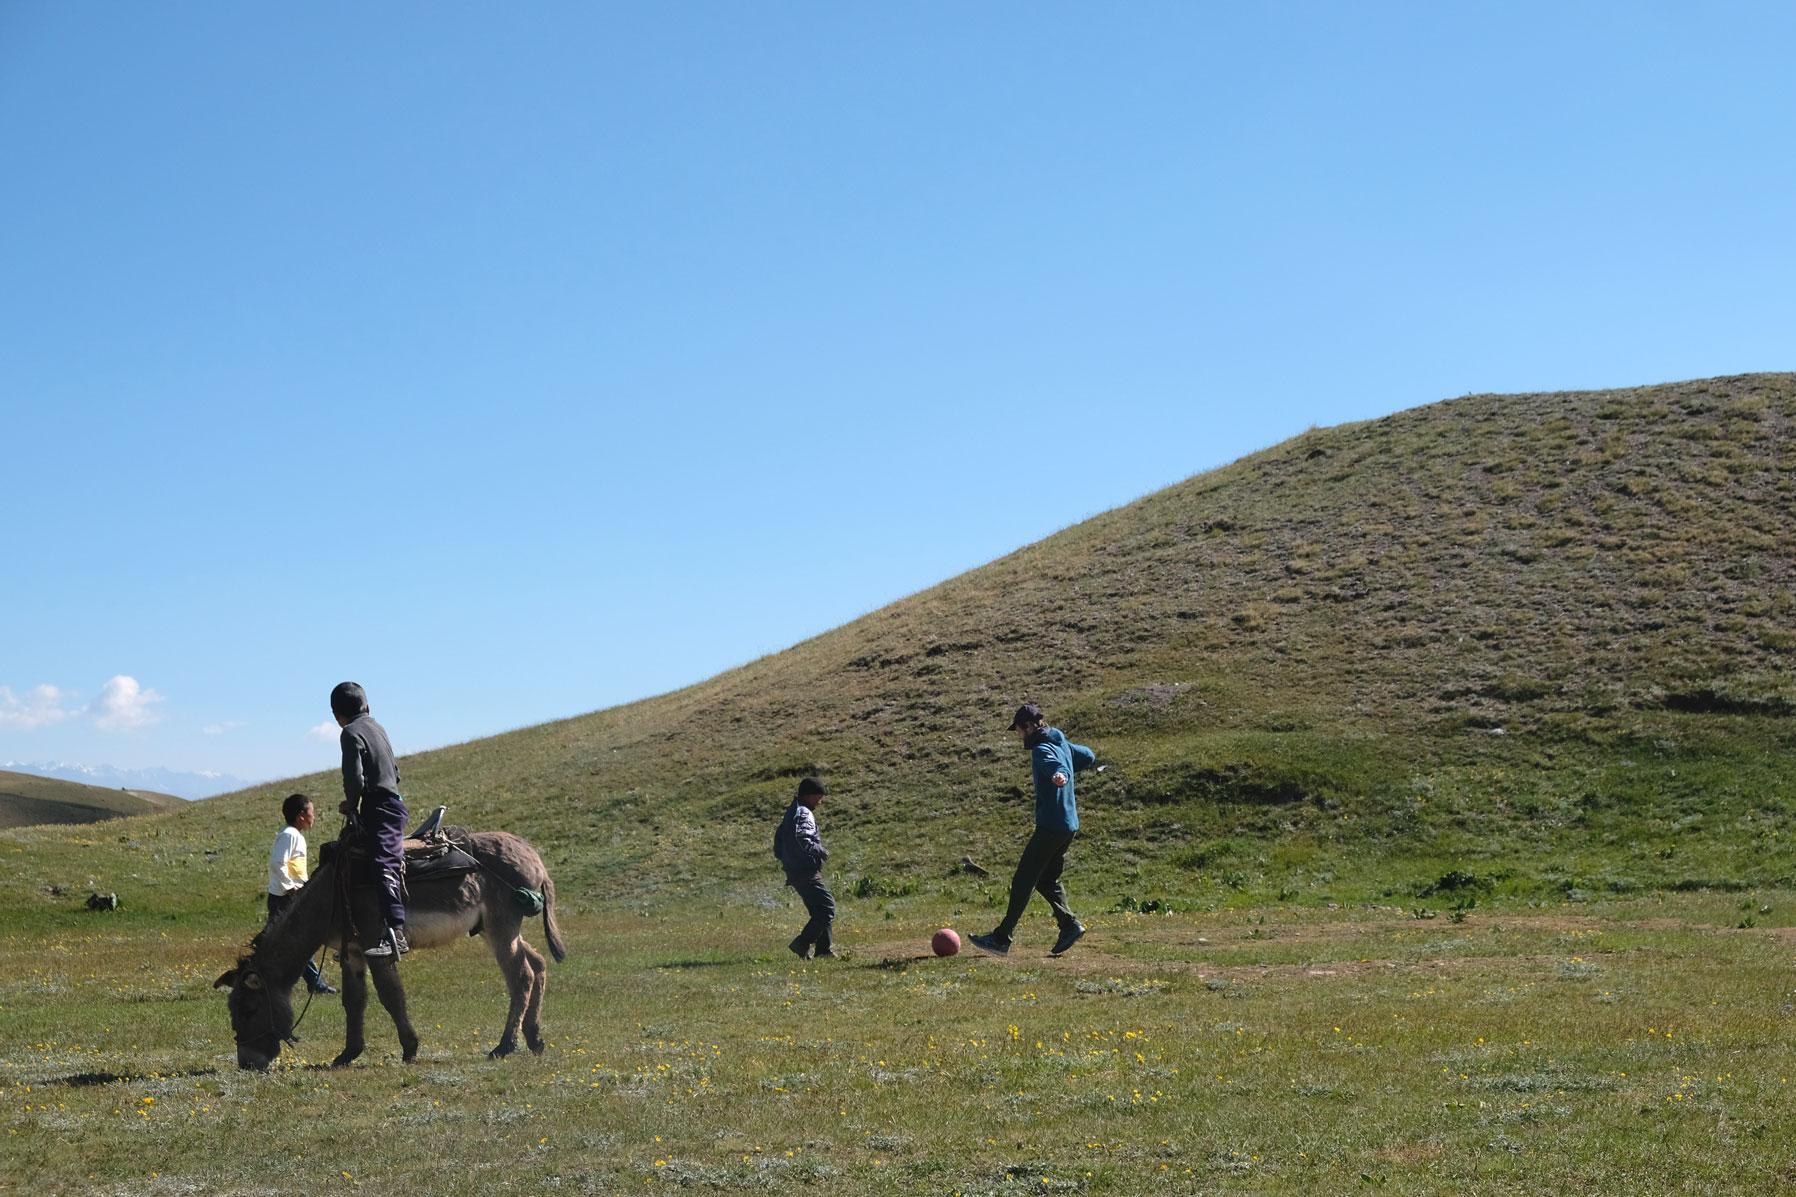 Sebastian spielt mit zwei Jungs Fußball. Ein Junge sitzt auf einem Esel und schaut zu.